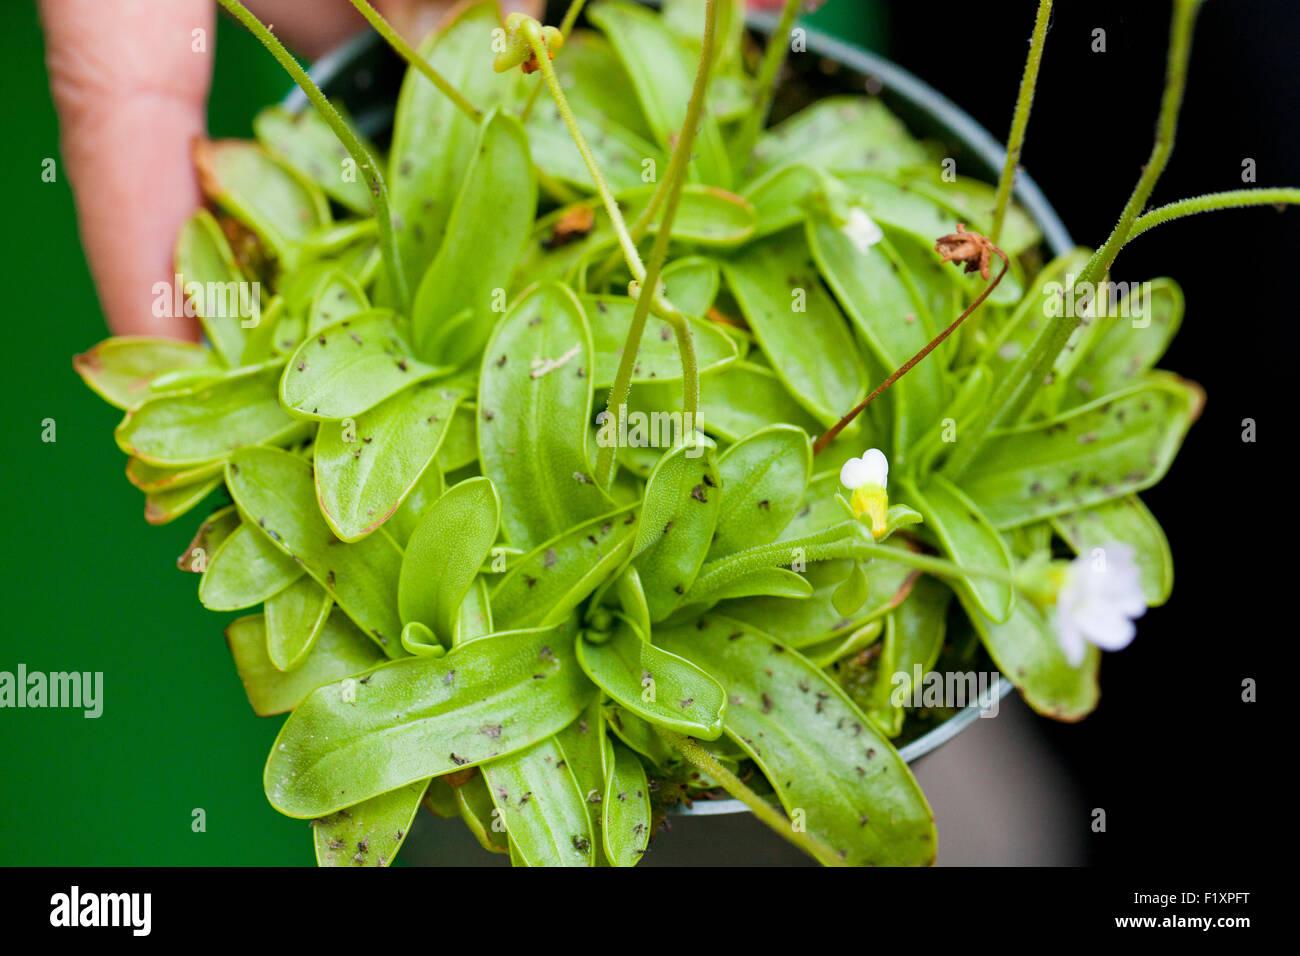 fleischfressende pflanze kaufen fleischfressende pflanzen online kaufen bei obi. Black Bedroom Furniture Sets. Home Design Ideas